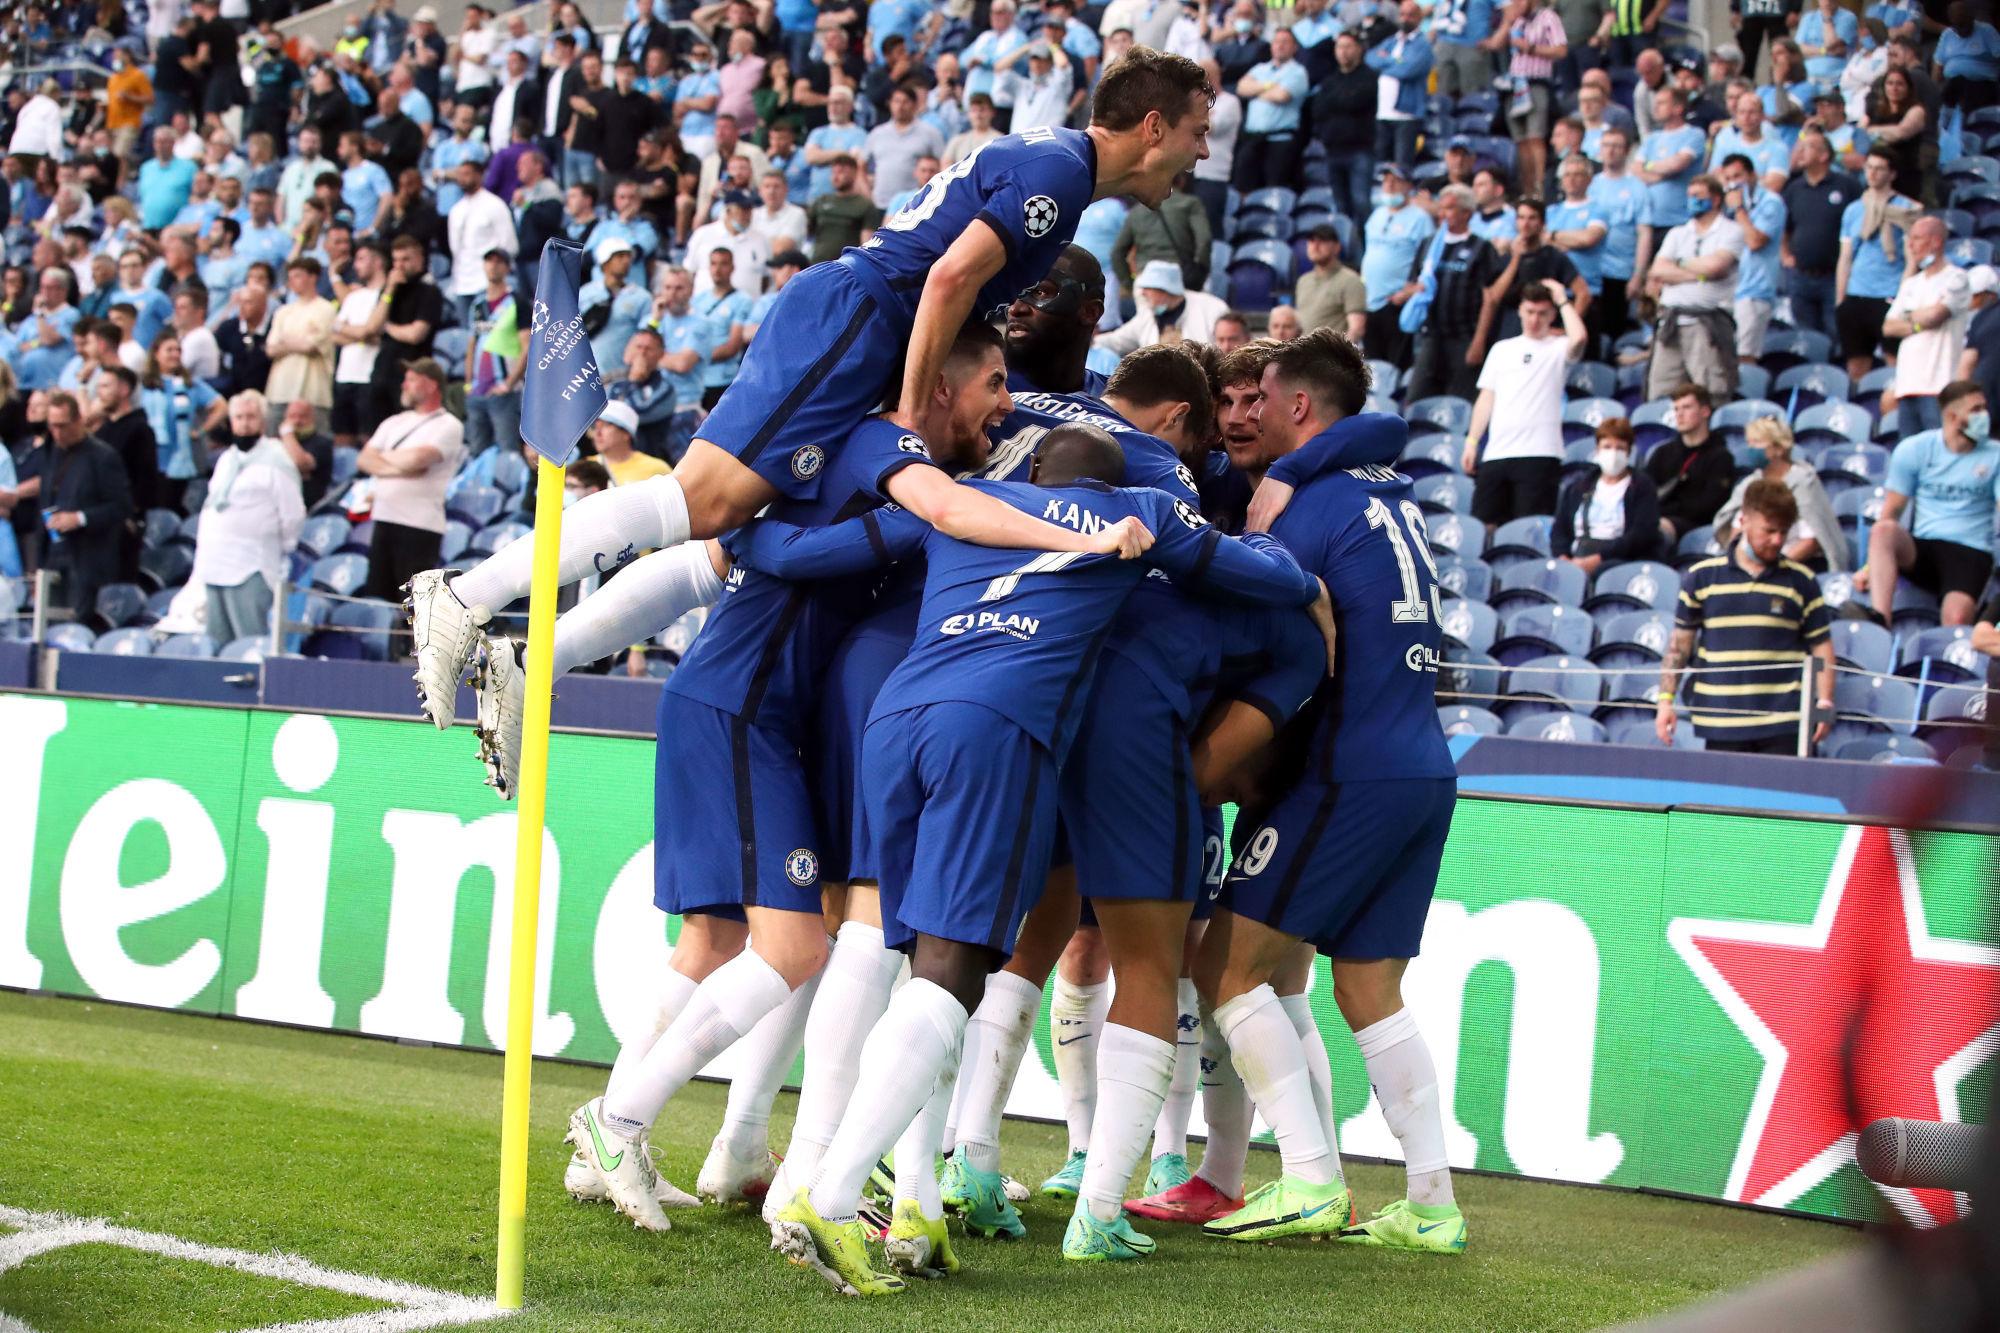 Chelsea remporte la Ligue des champions 2020-2021